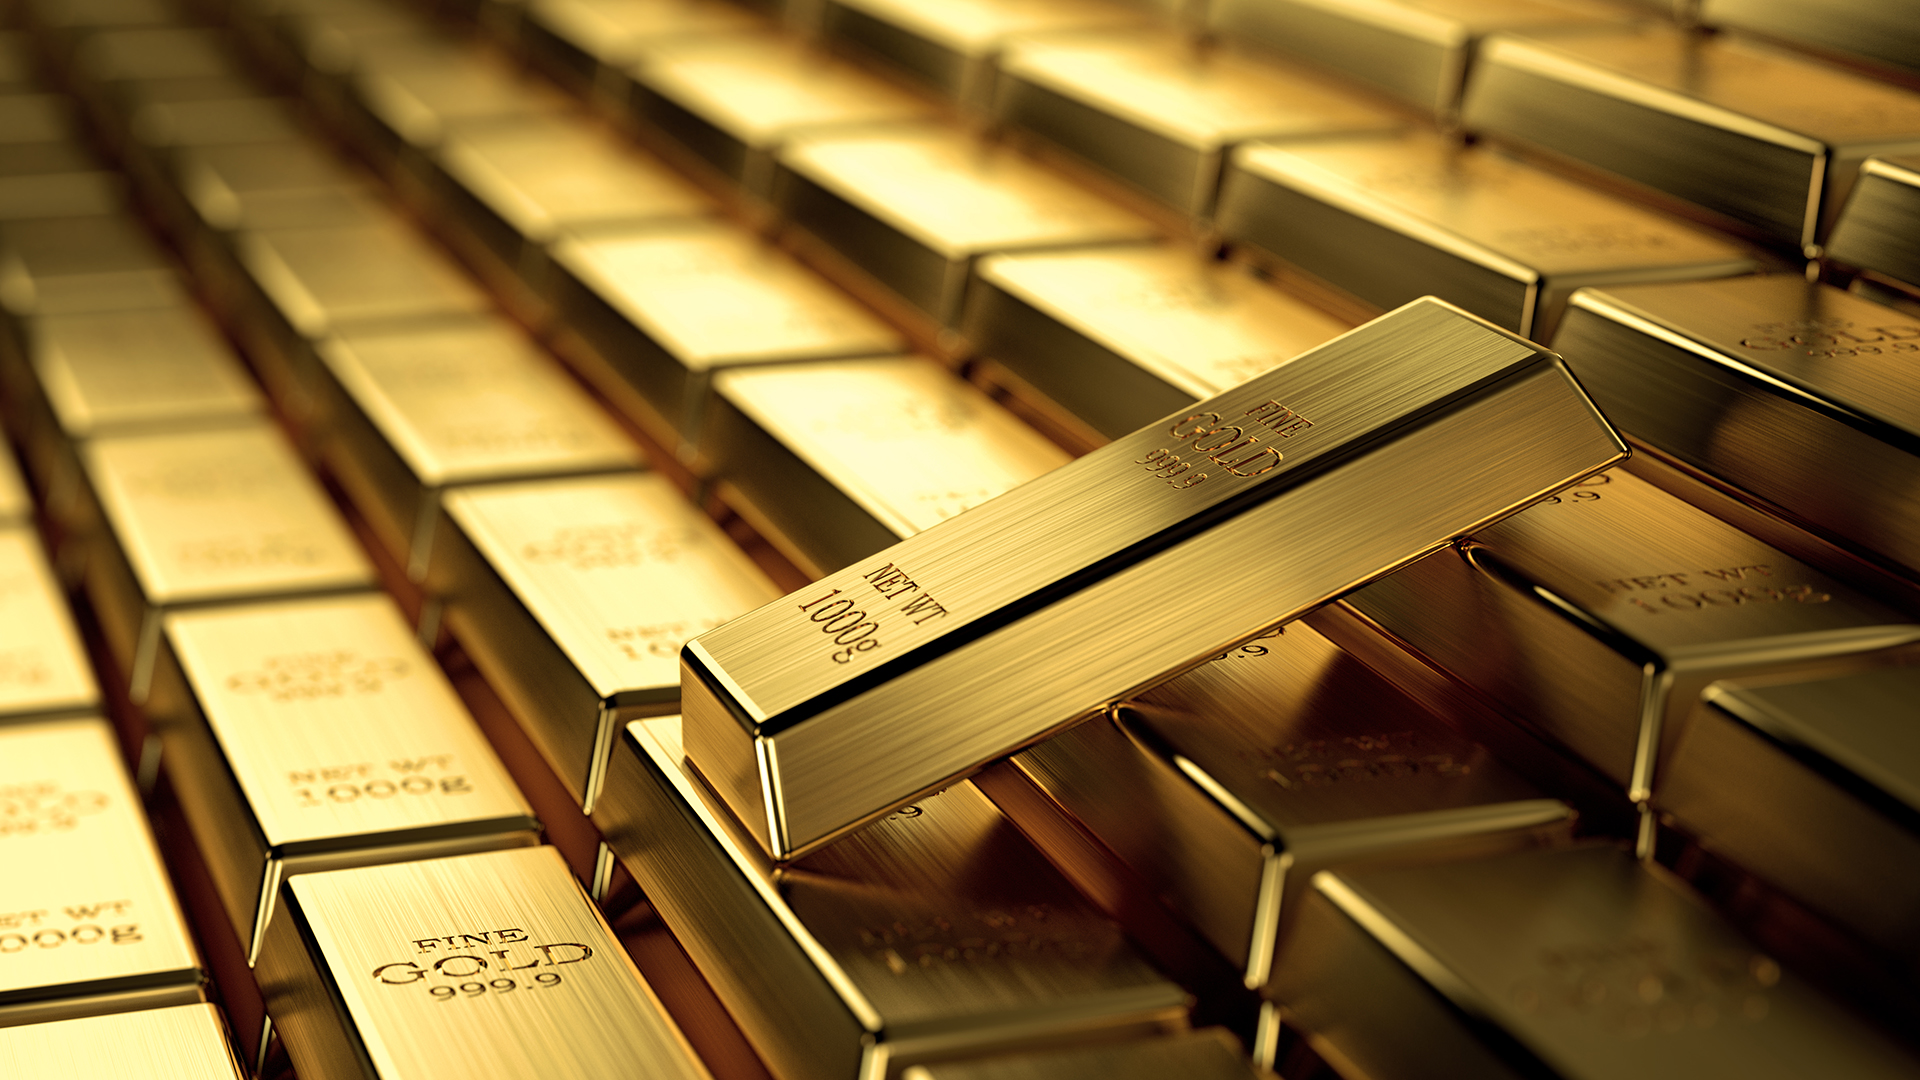 Oro, la histórica reserva de valor (iStock)